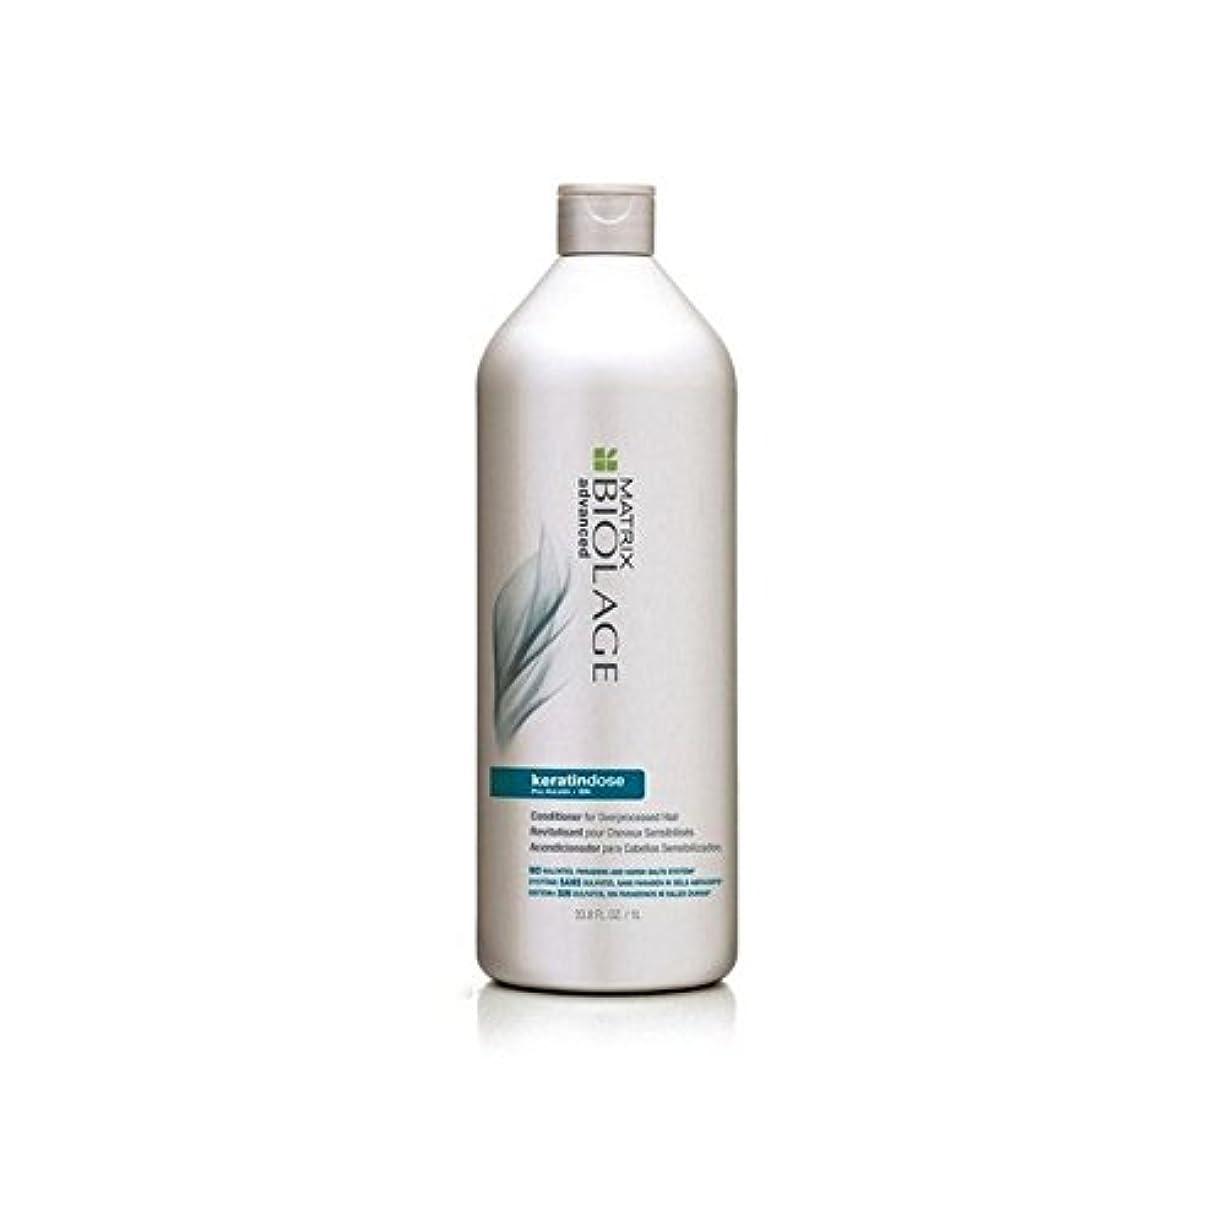 びっくりするために薄汚いマトリックスバイオレイジコンディショナー(千ミリリットル) x2 - Matrix Biolage Keratindose Conditioner (1000ml) (Pack of 2) [並行輸入品]